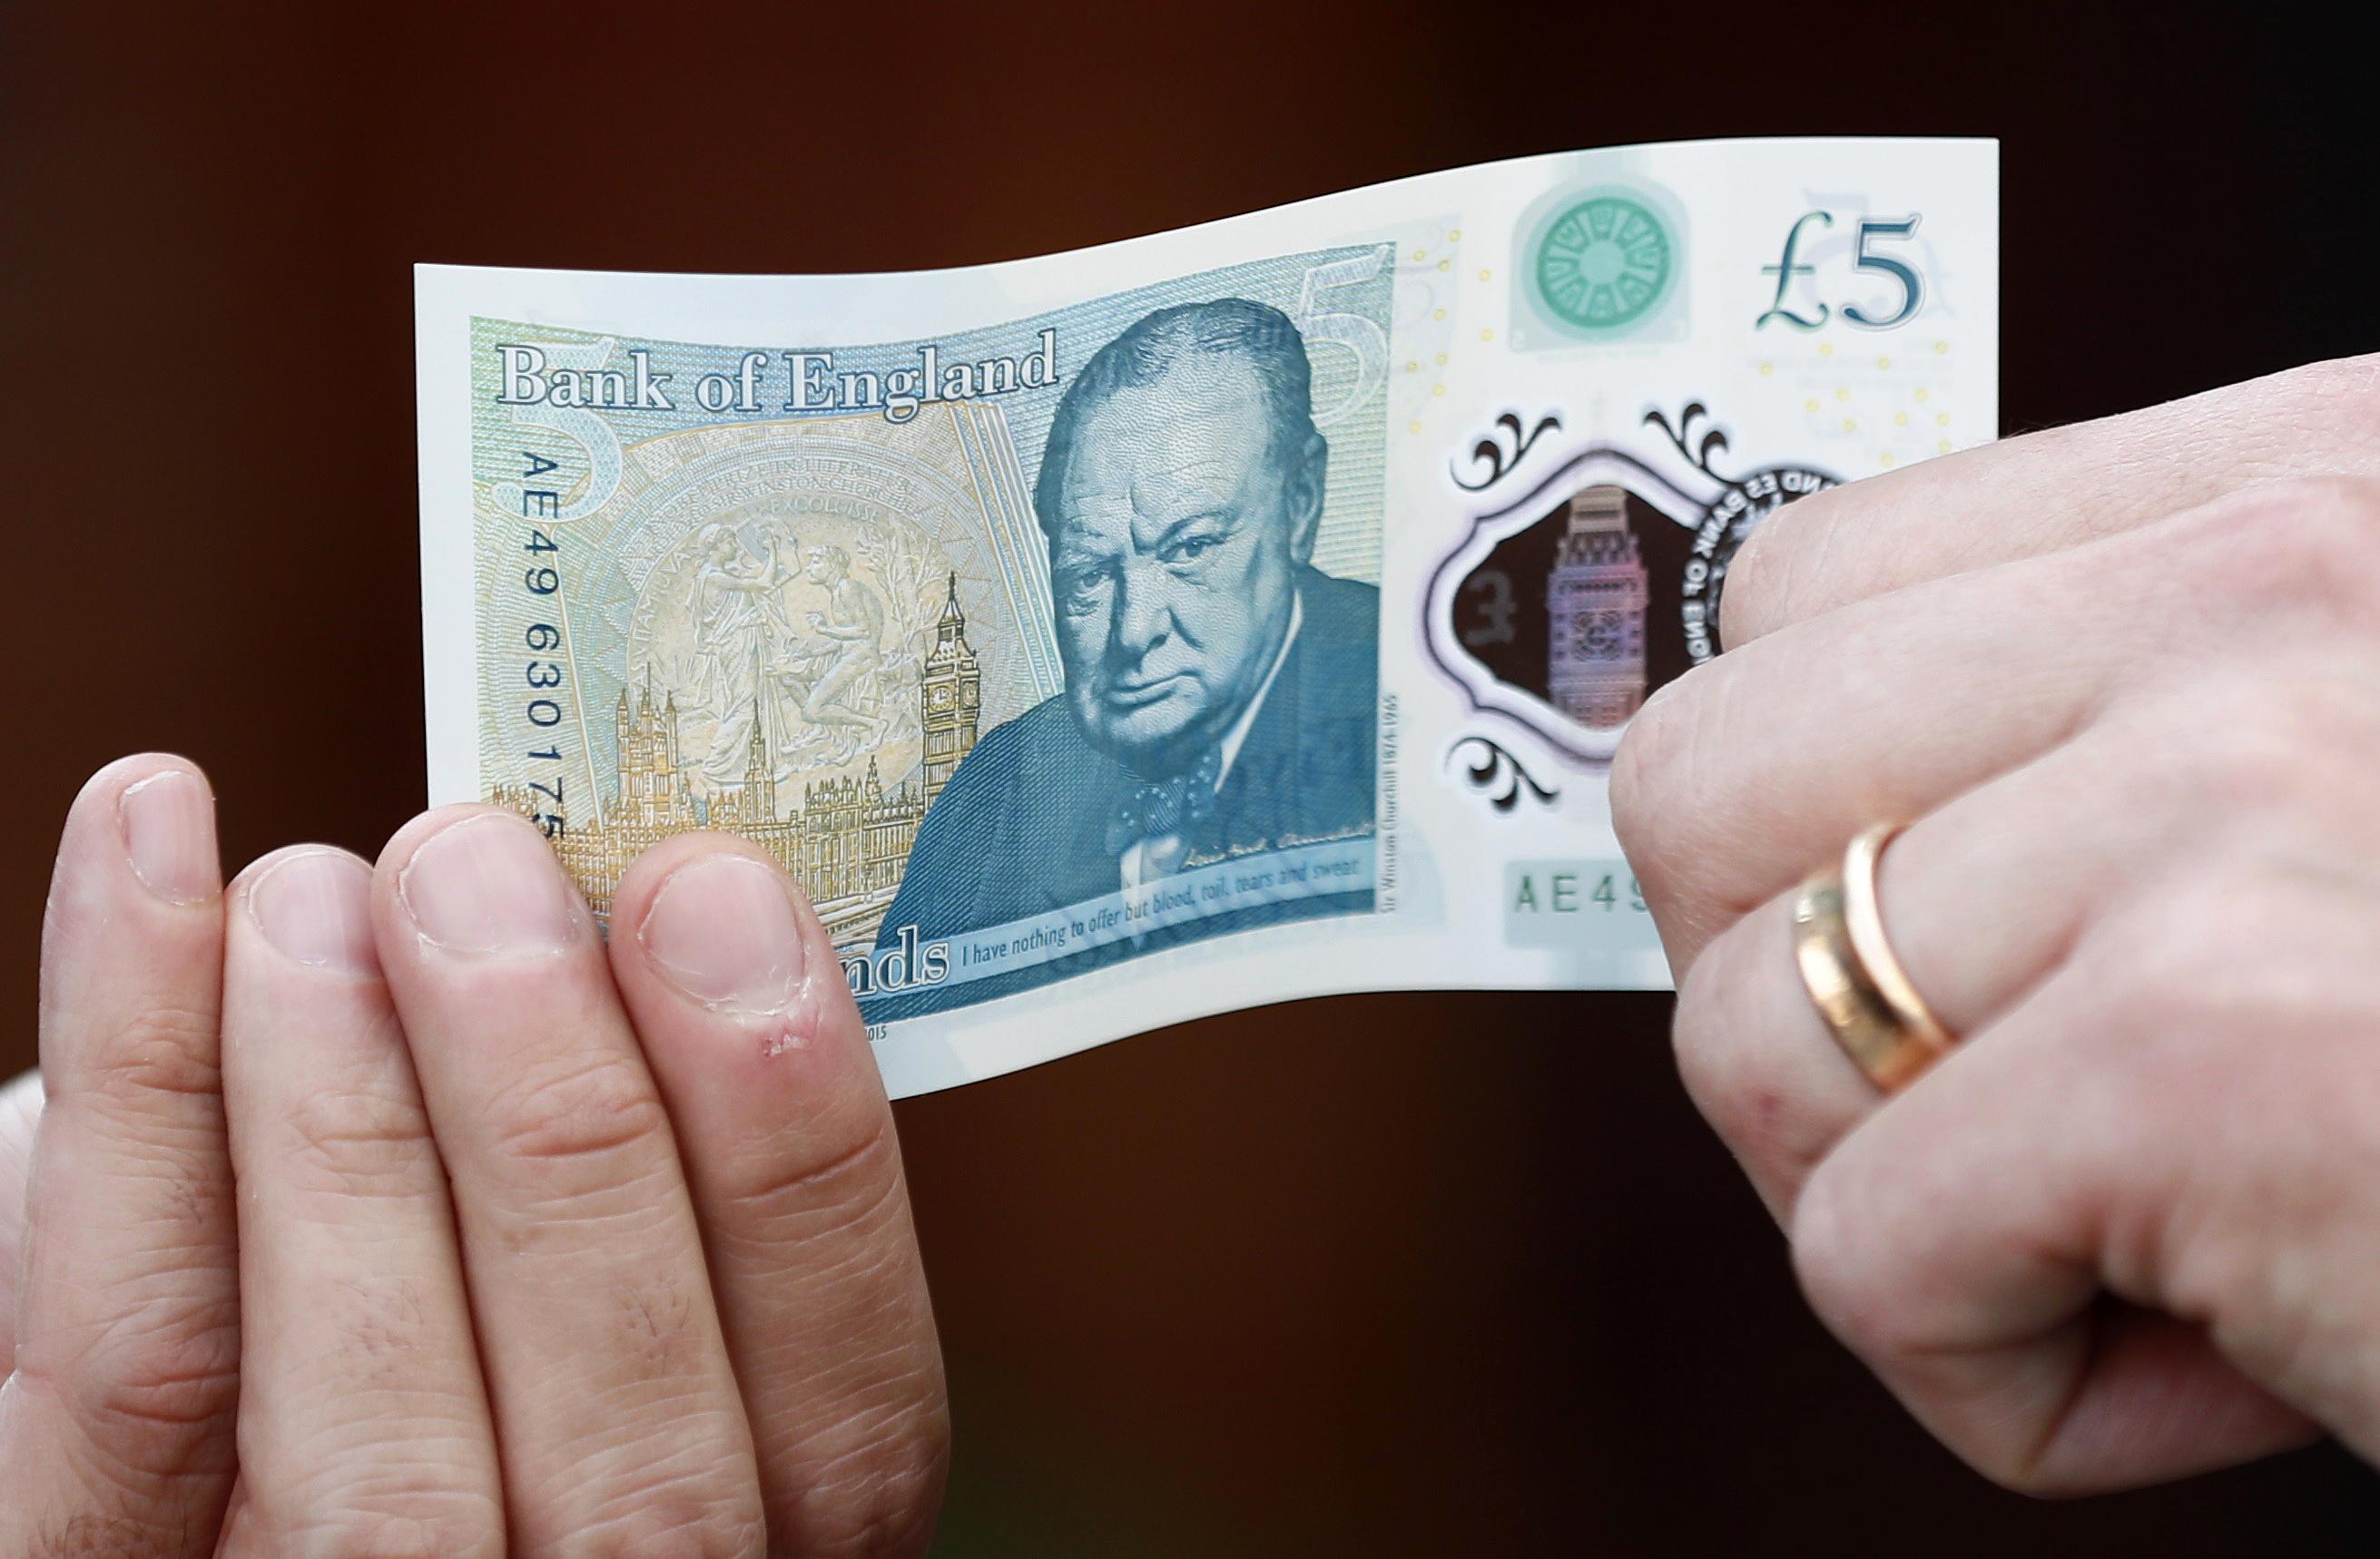 Egy észak-angliai faluban valaki öt éve 2000 fontos pénzkötegeket hagy az utcán